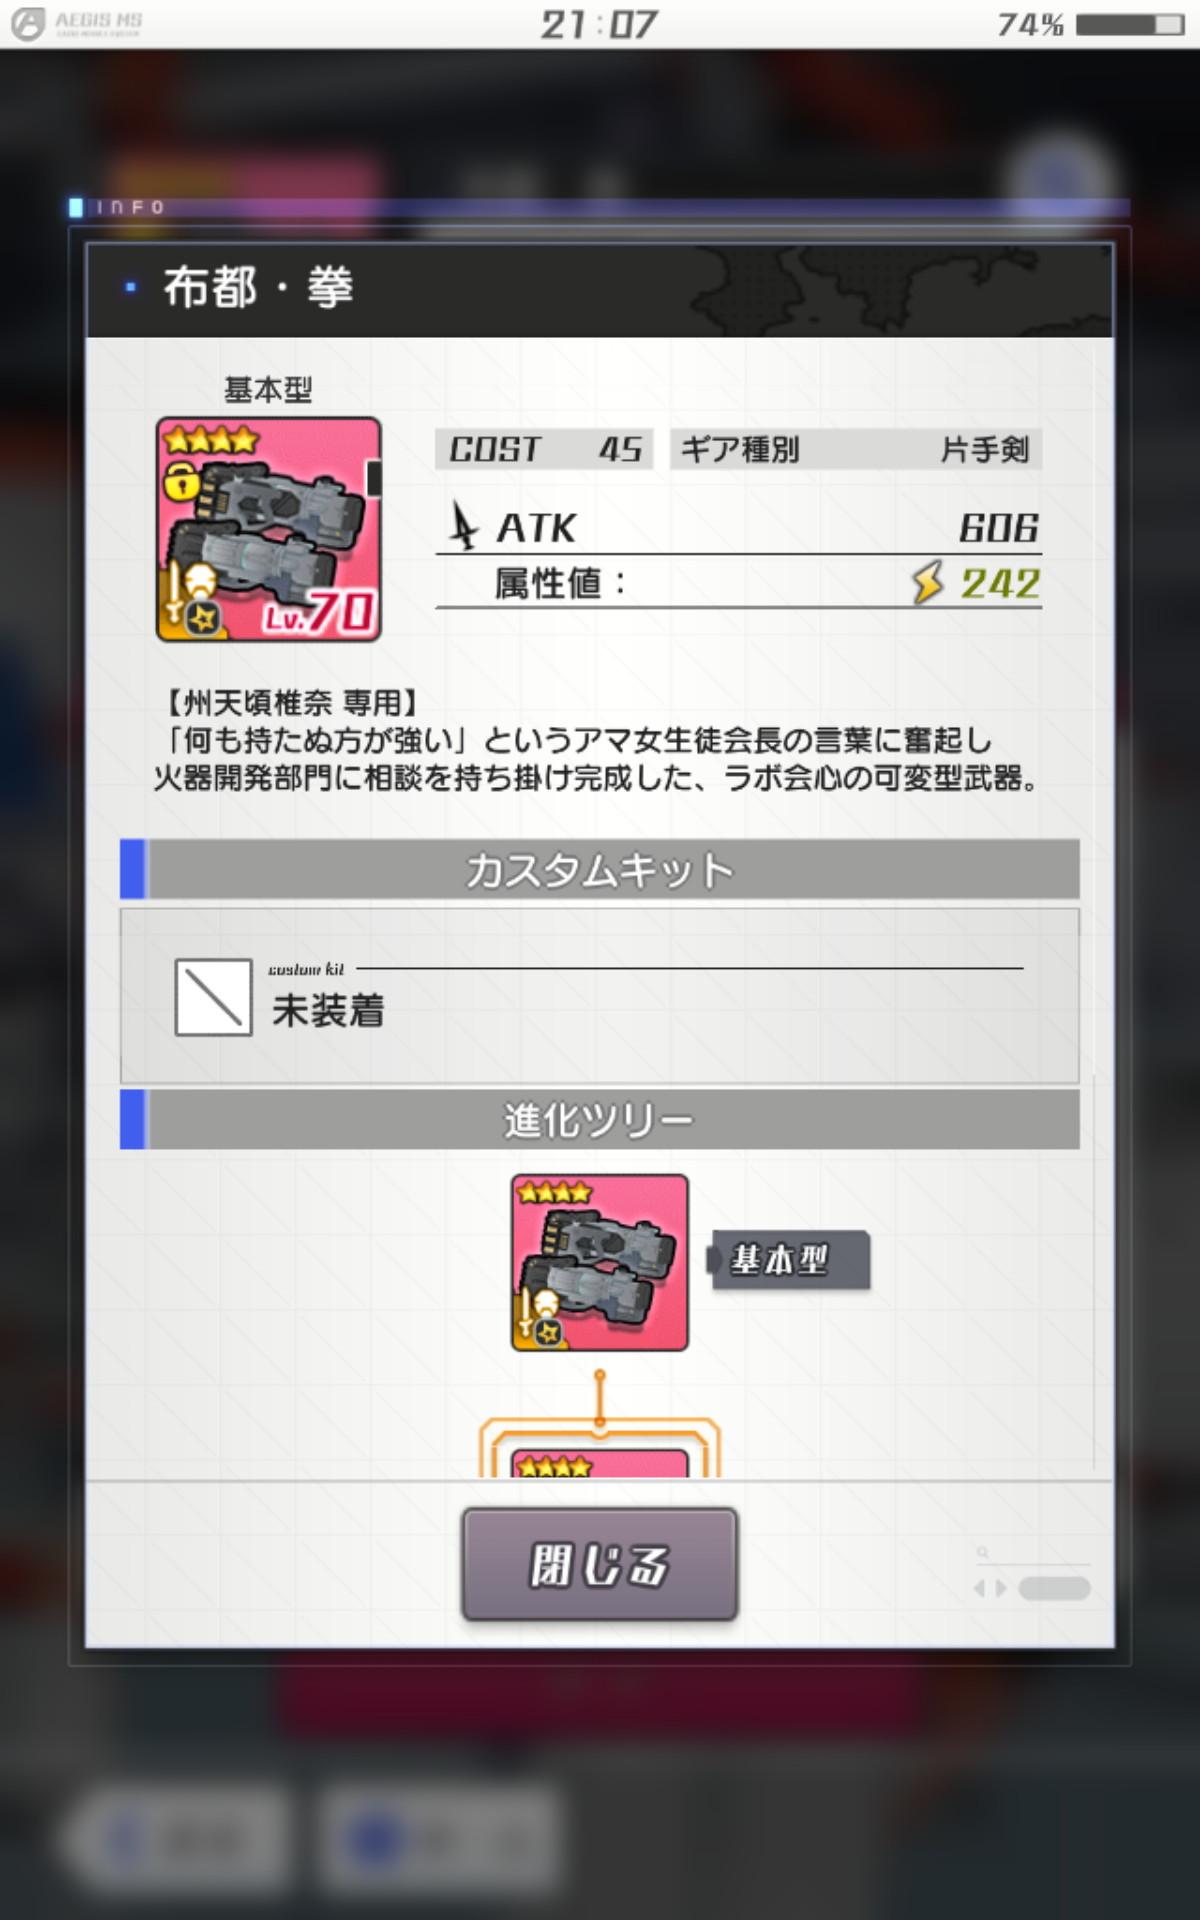 コロちゃんクロスLv70_20180714_210709.jpg